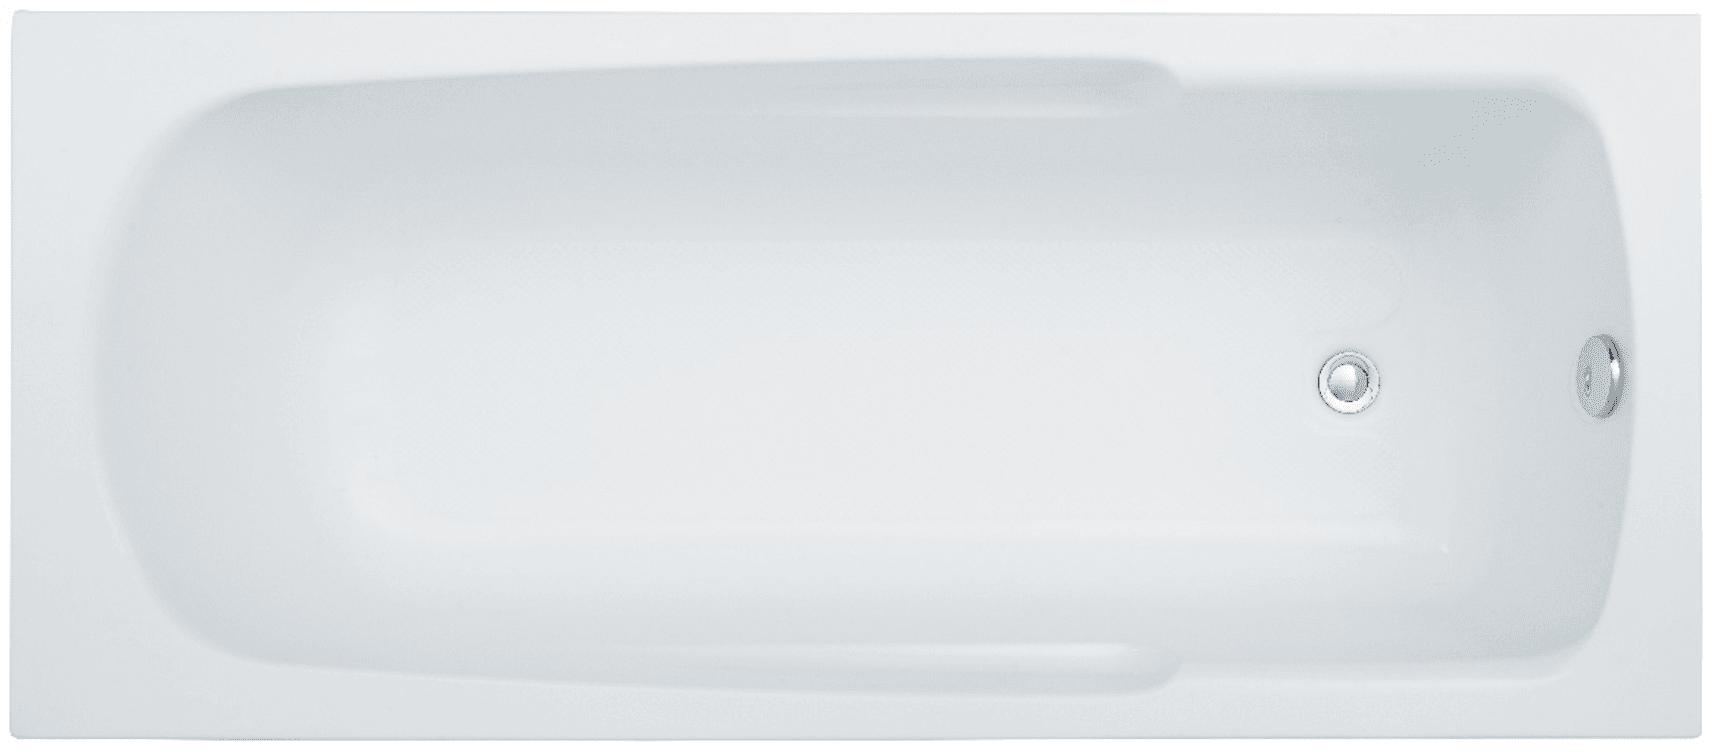 Акриловая ванна Aquanet Extra 160x70 254882 в Москве по цене 6 930.00 руб.| Интернет магазин Сантехника1